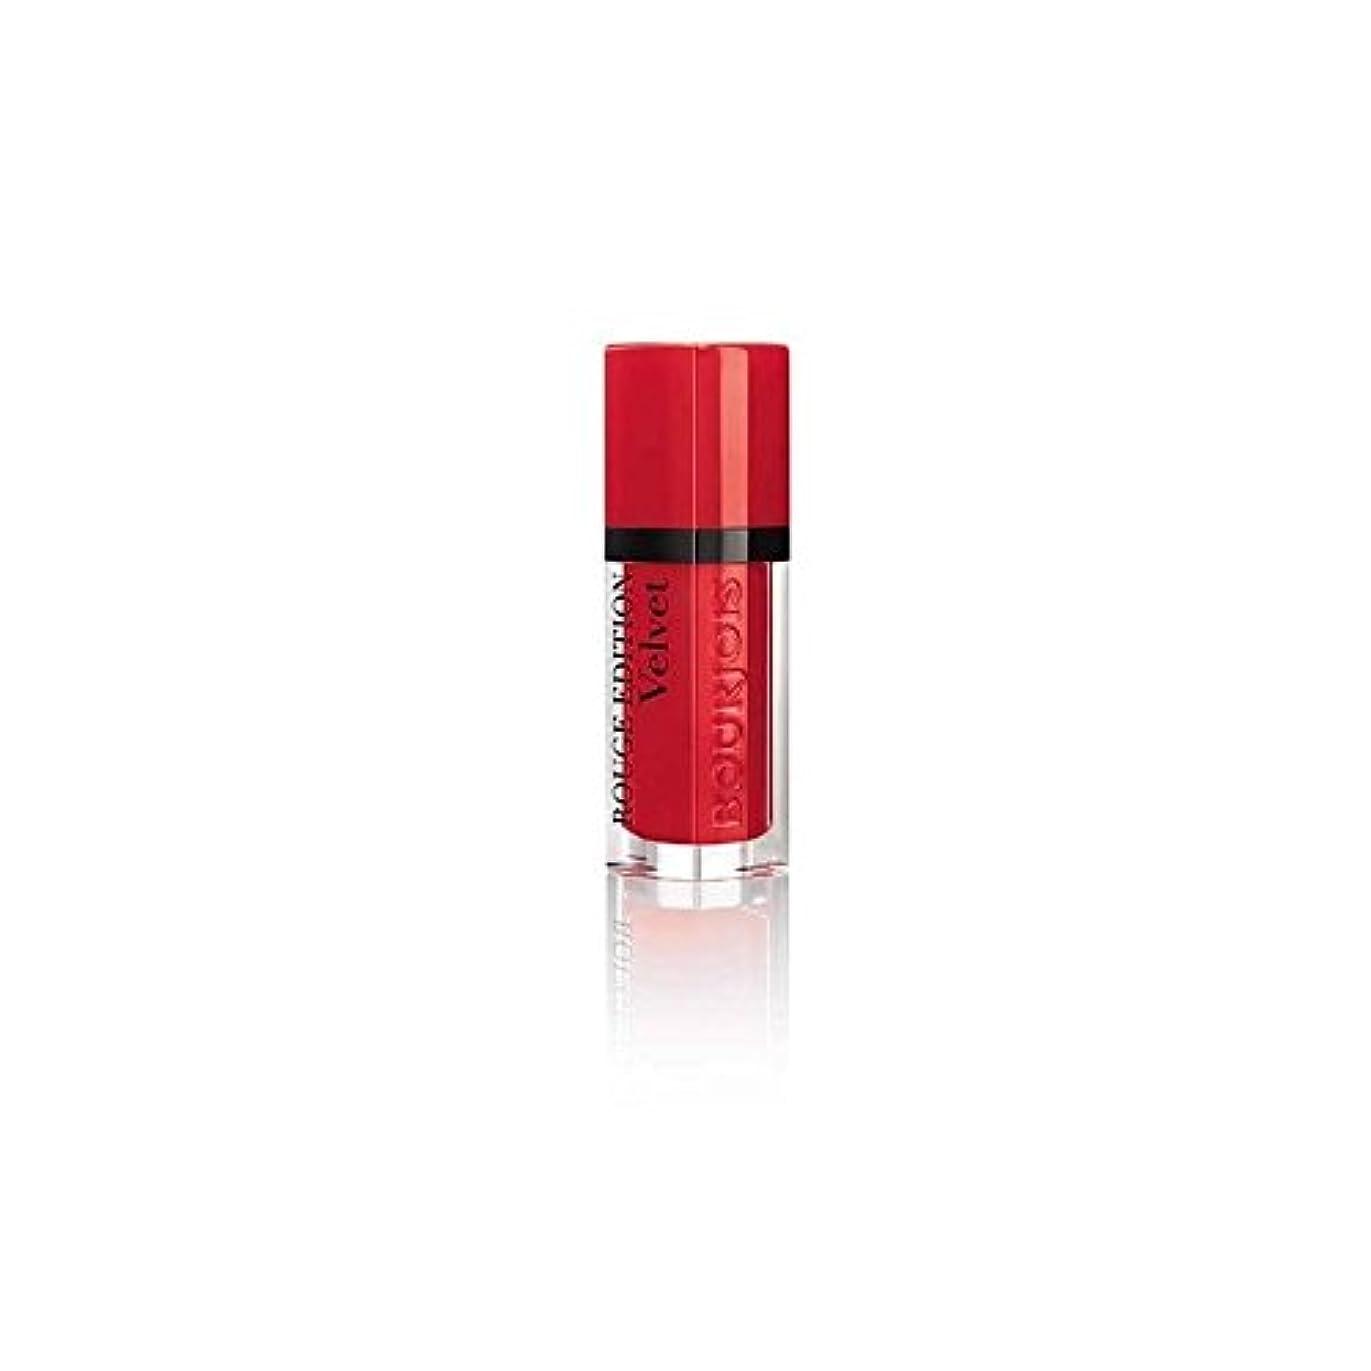 報酬ロシア反映するブルジョワルージュ版のベルベットの口紅は、それはレディングの男性18です x4 - Bourjois Rouge Edition Velvet Lipstick It's Redding Men 18 (Pack of 4) [並行輸入品]